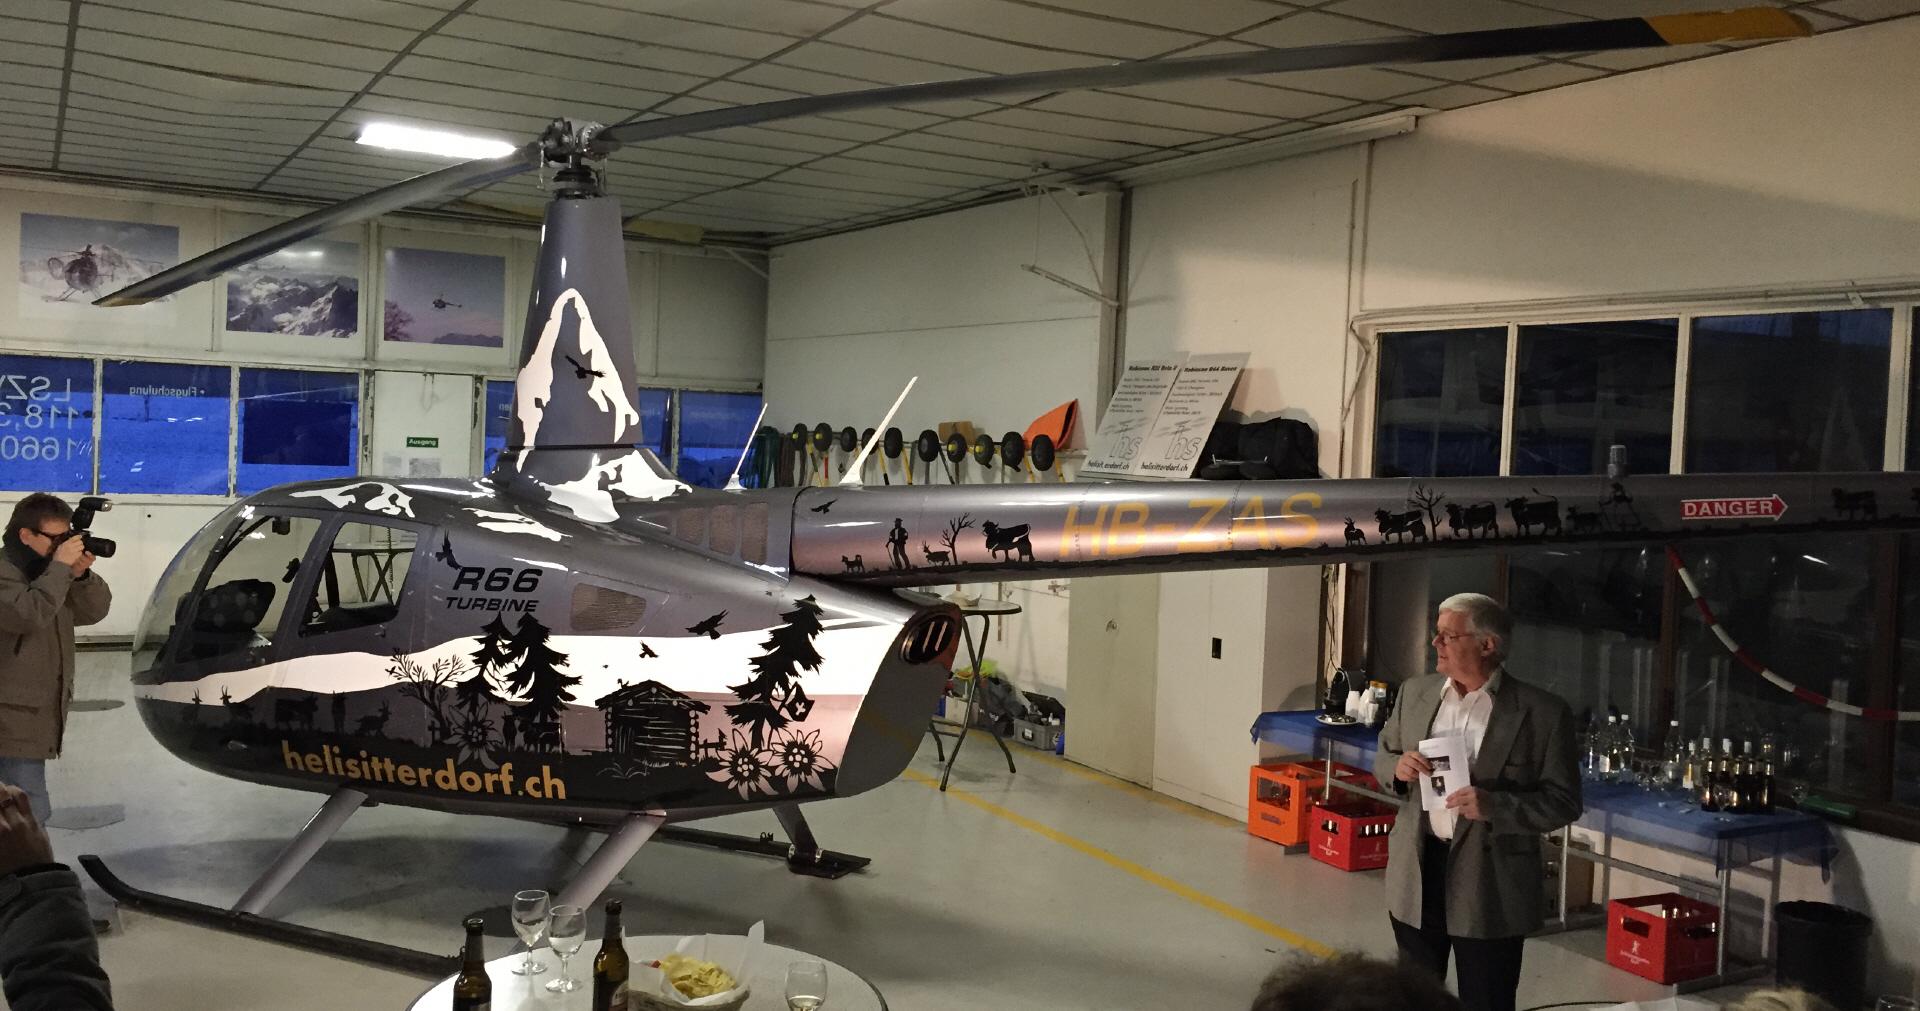 Beklebung Helikopter R66 Heli Sitterdorf in zusammenarbeit mit der Scherenschnittkünstlerin Ursula Regez Fuchs